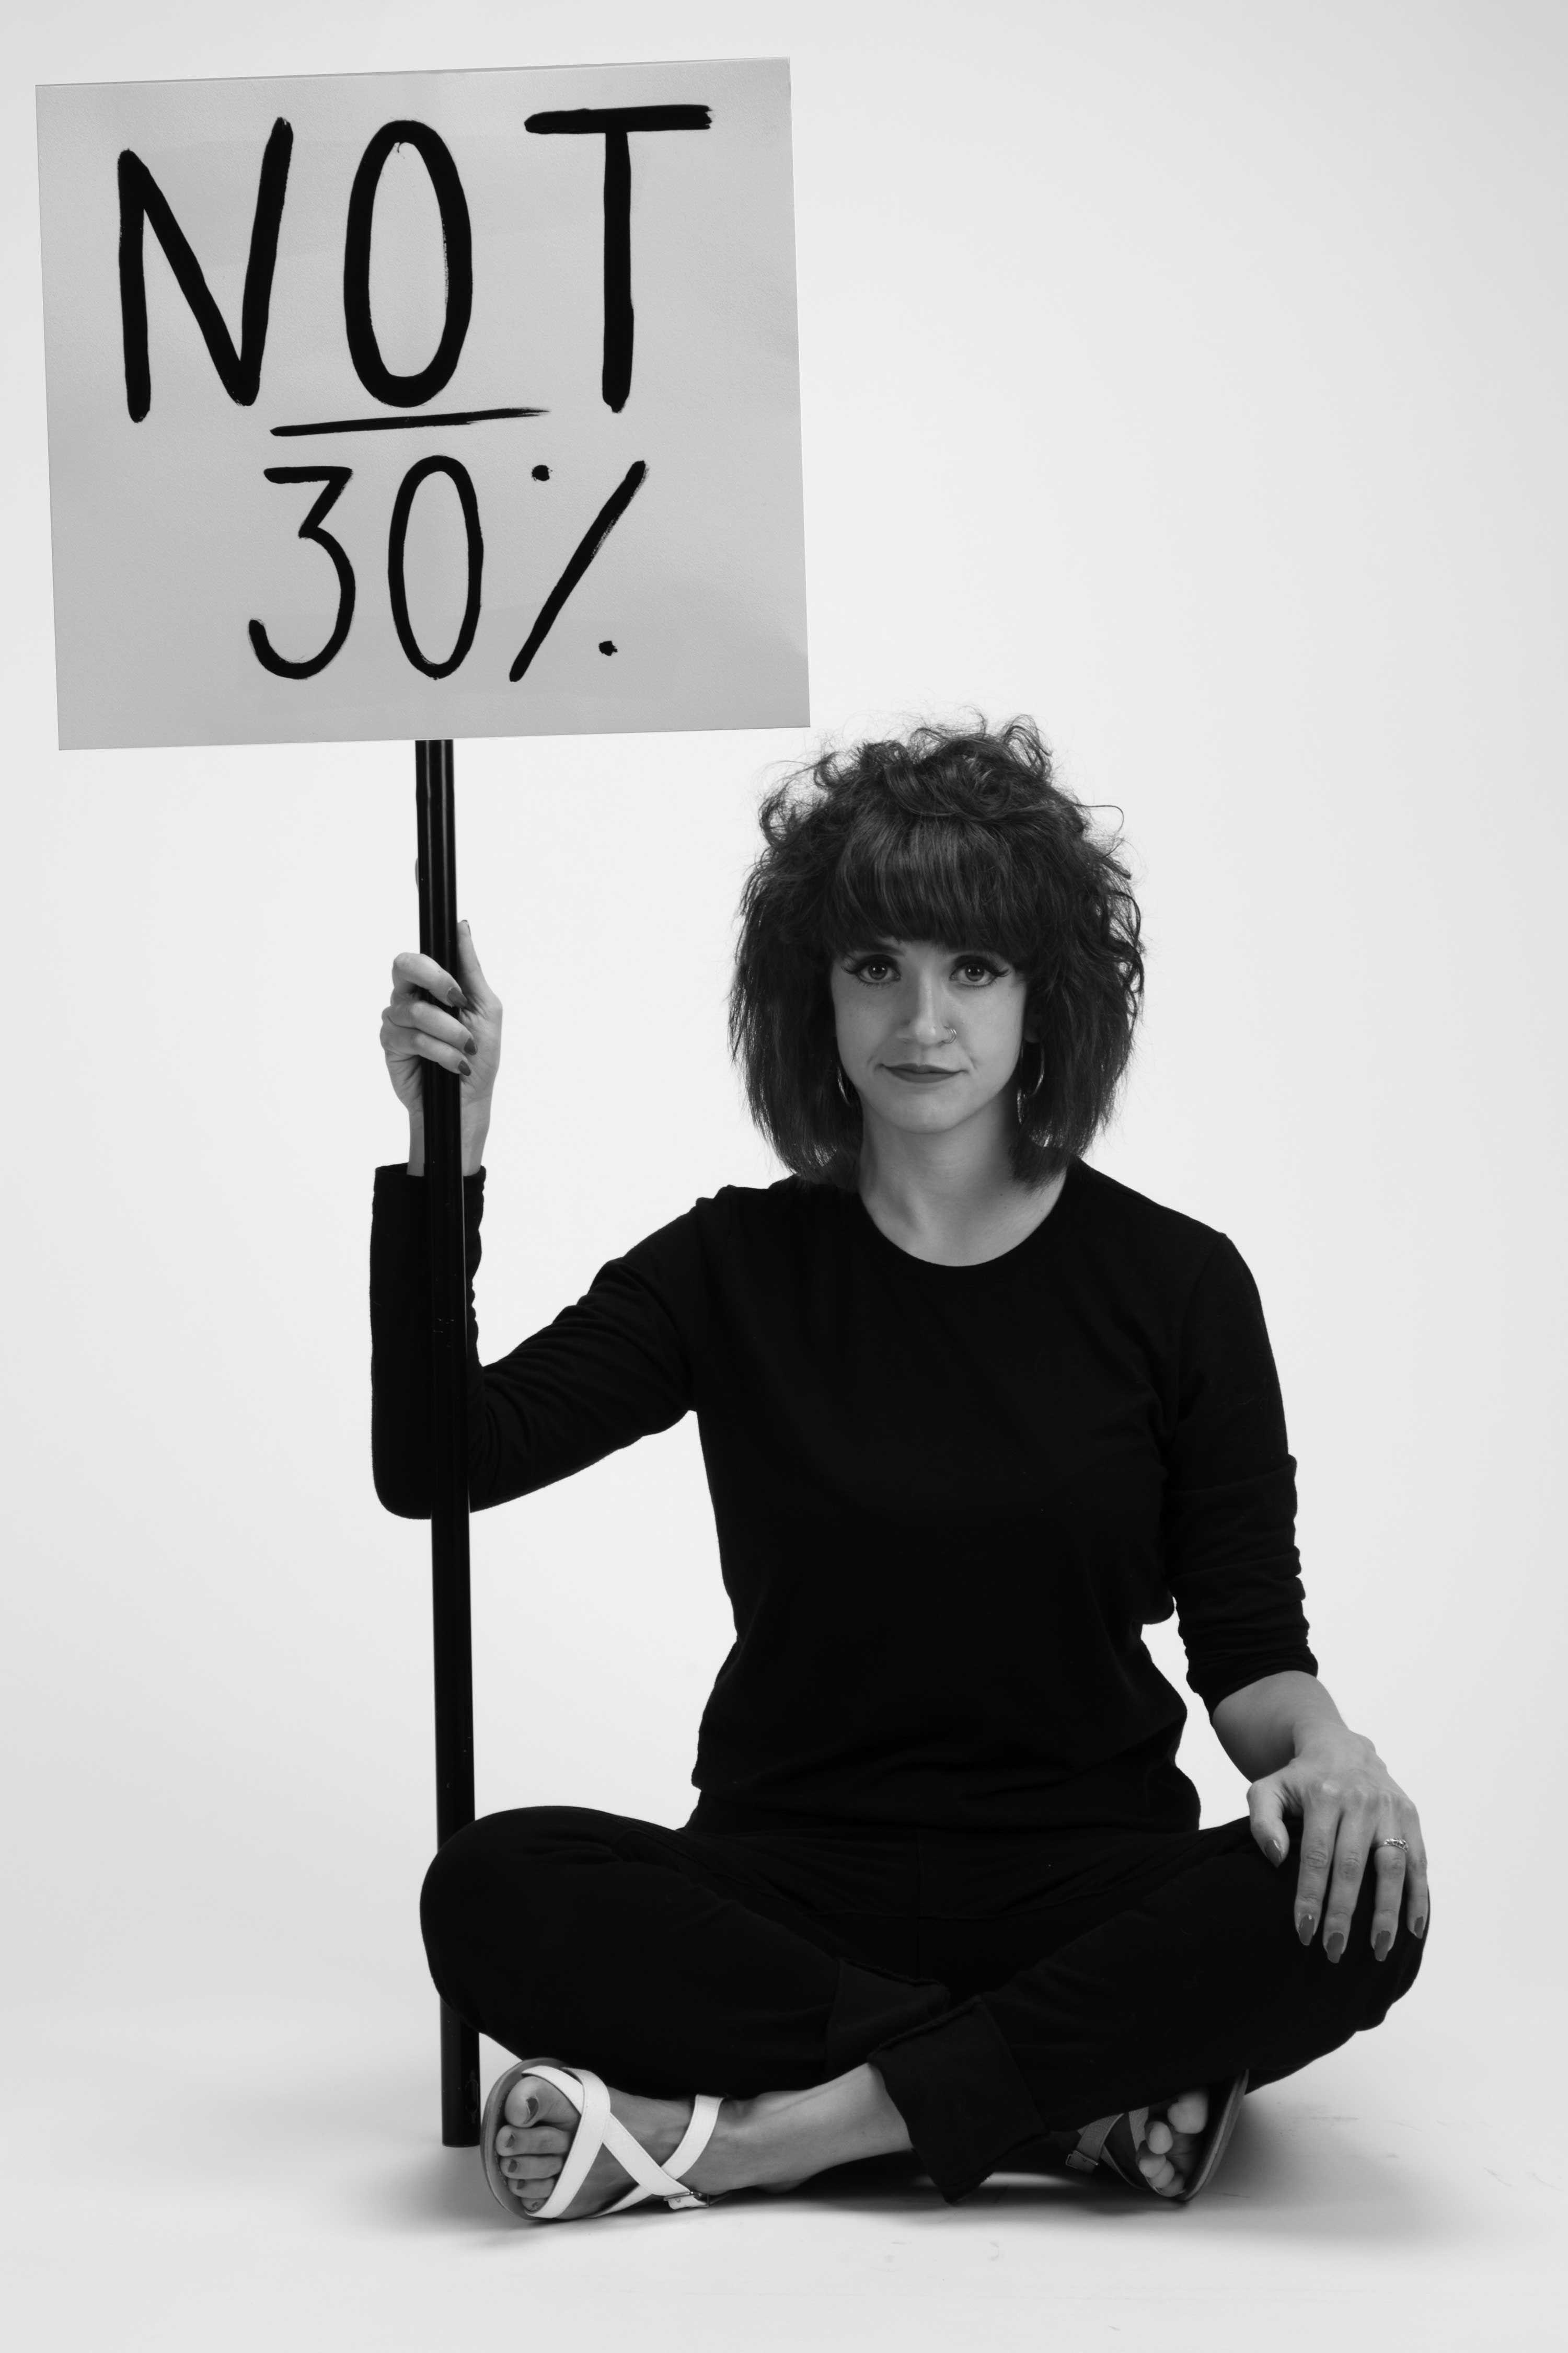 'Not 30%' C-type print, 42 x 59 cm, 2019